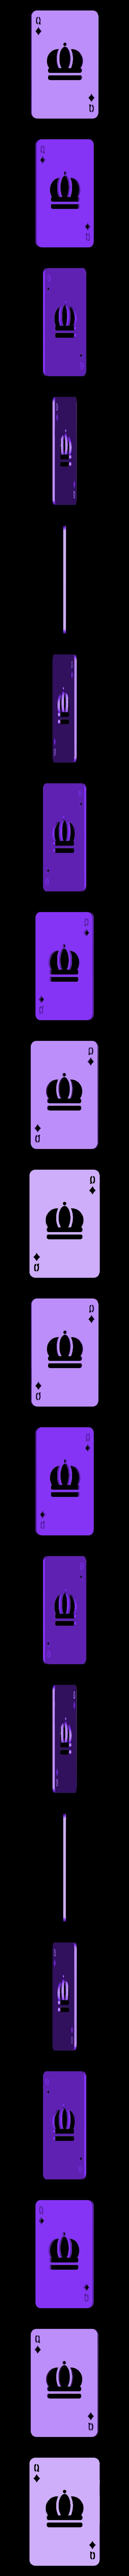 Diamonds_12_hole.stl Télécharger fichier SCAD gratuit Les cartes à jouer • Objet imprimable en 3D, yvrogne59